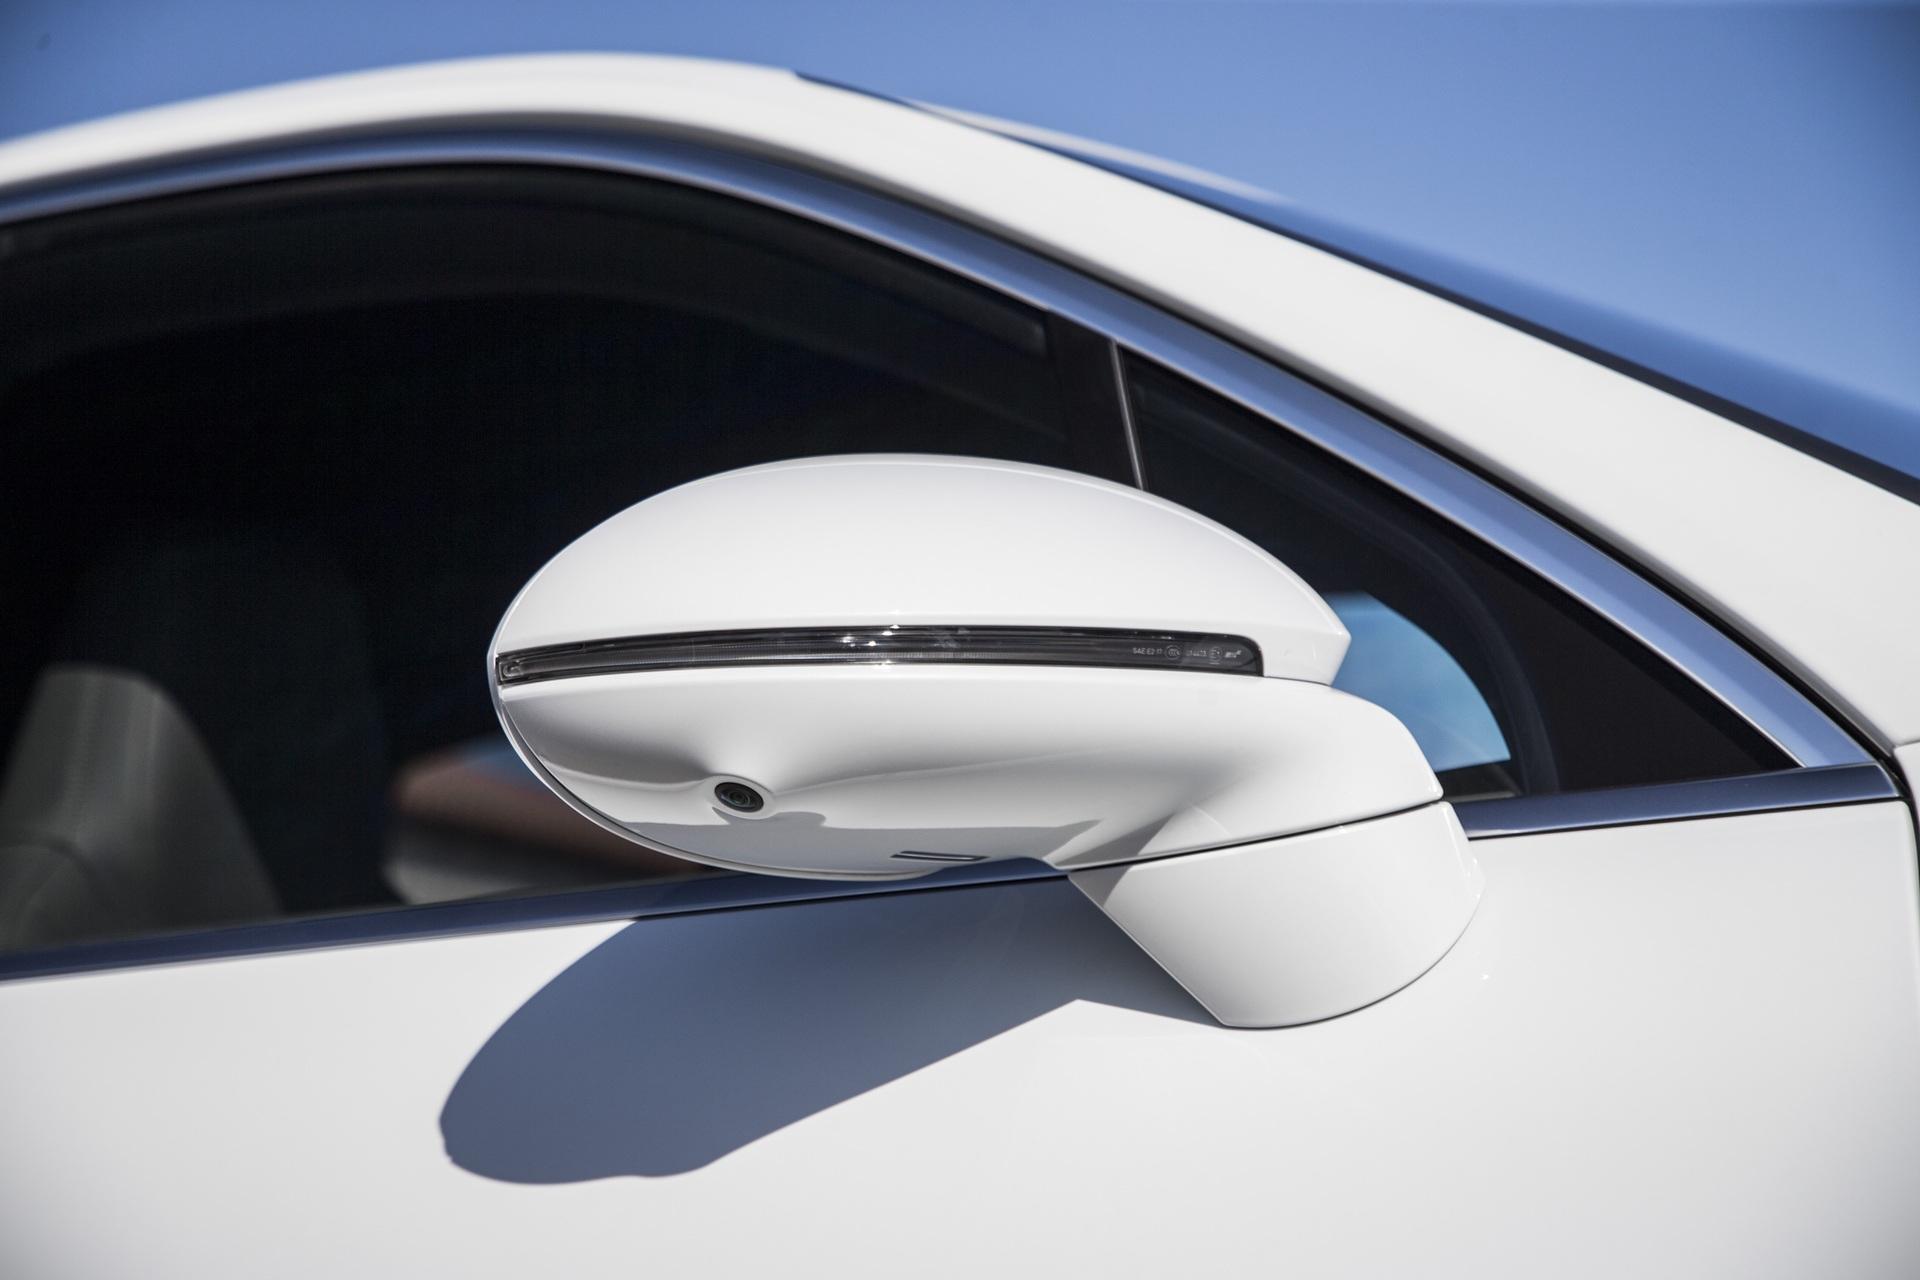 Test_Drive_Porsche_Cayenne_158